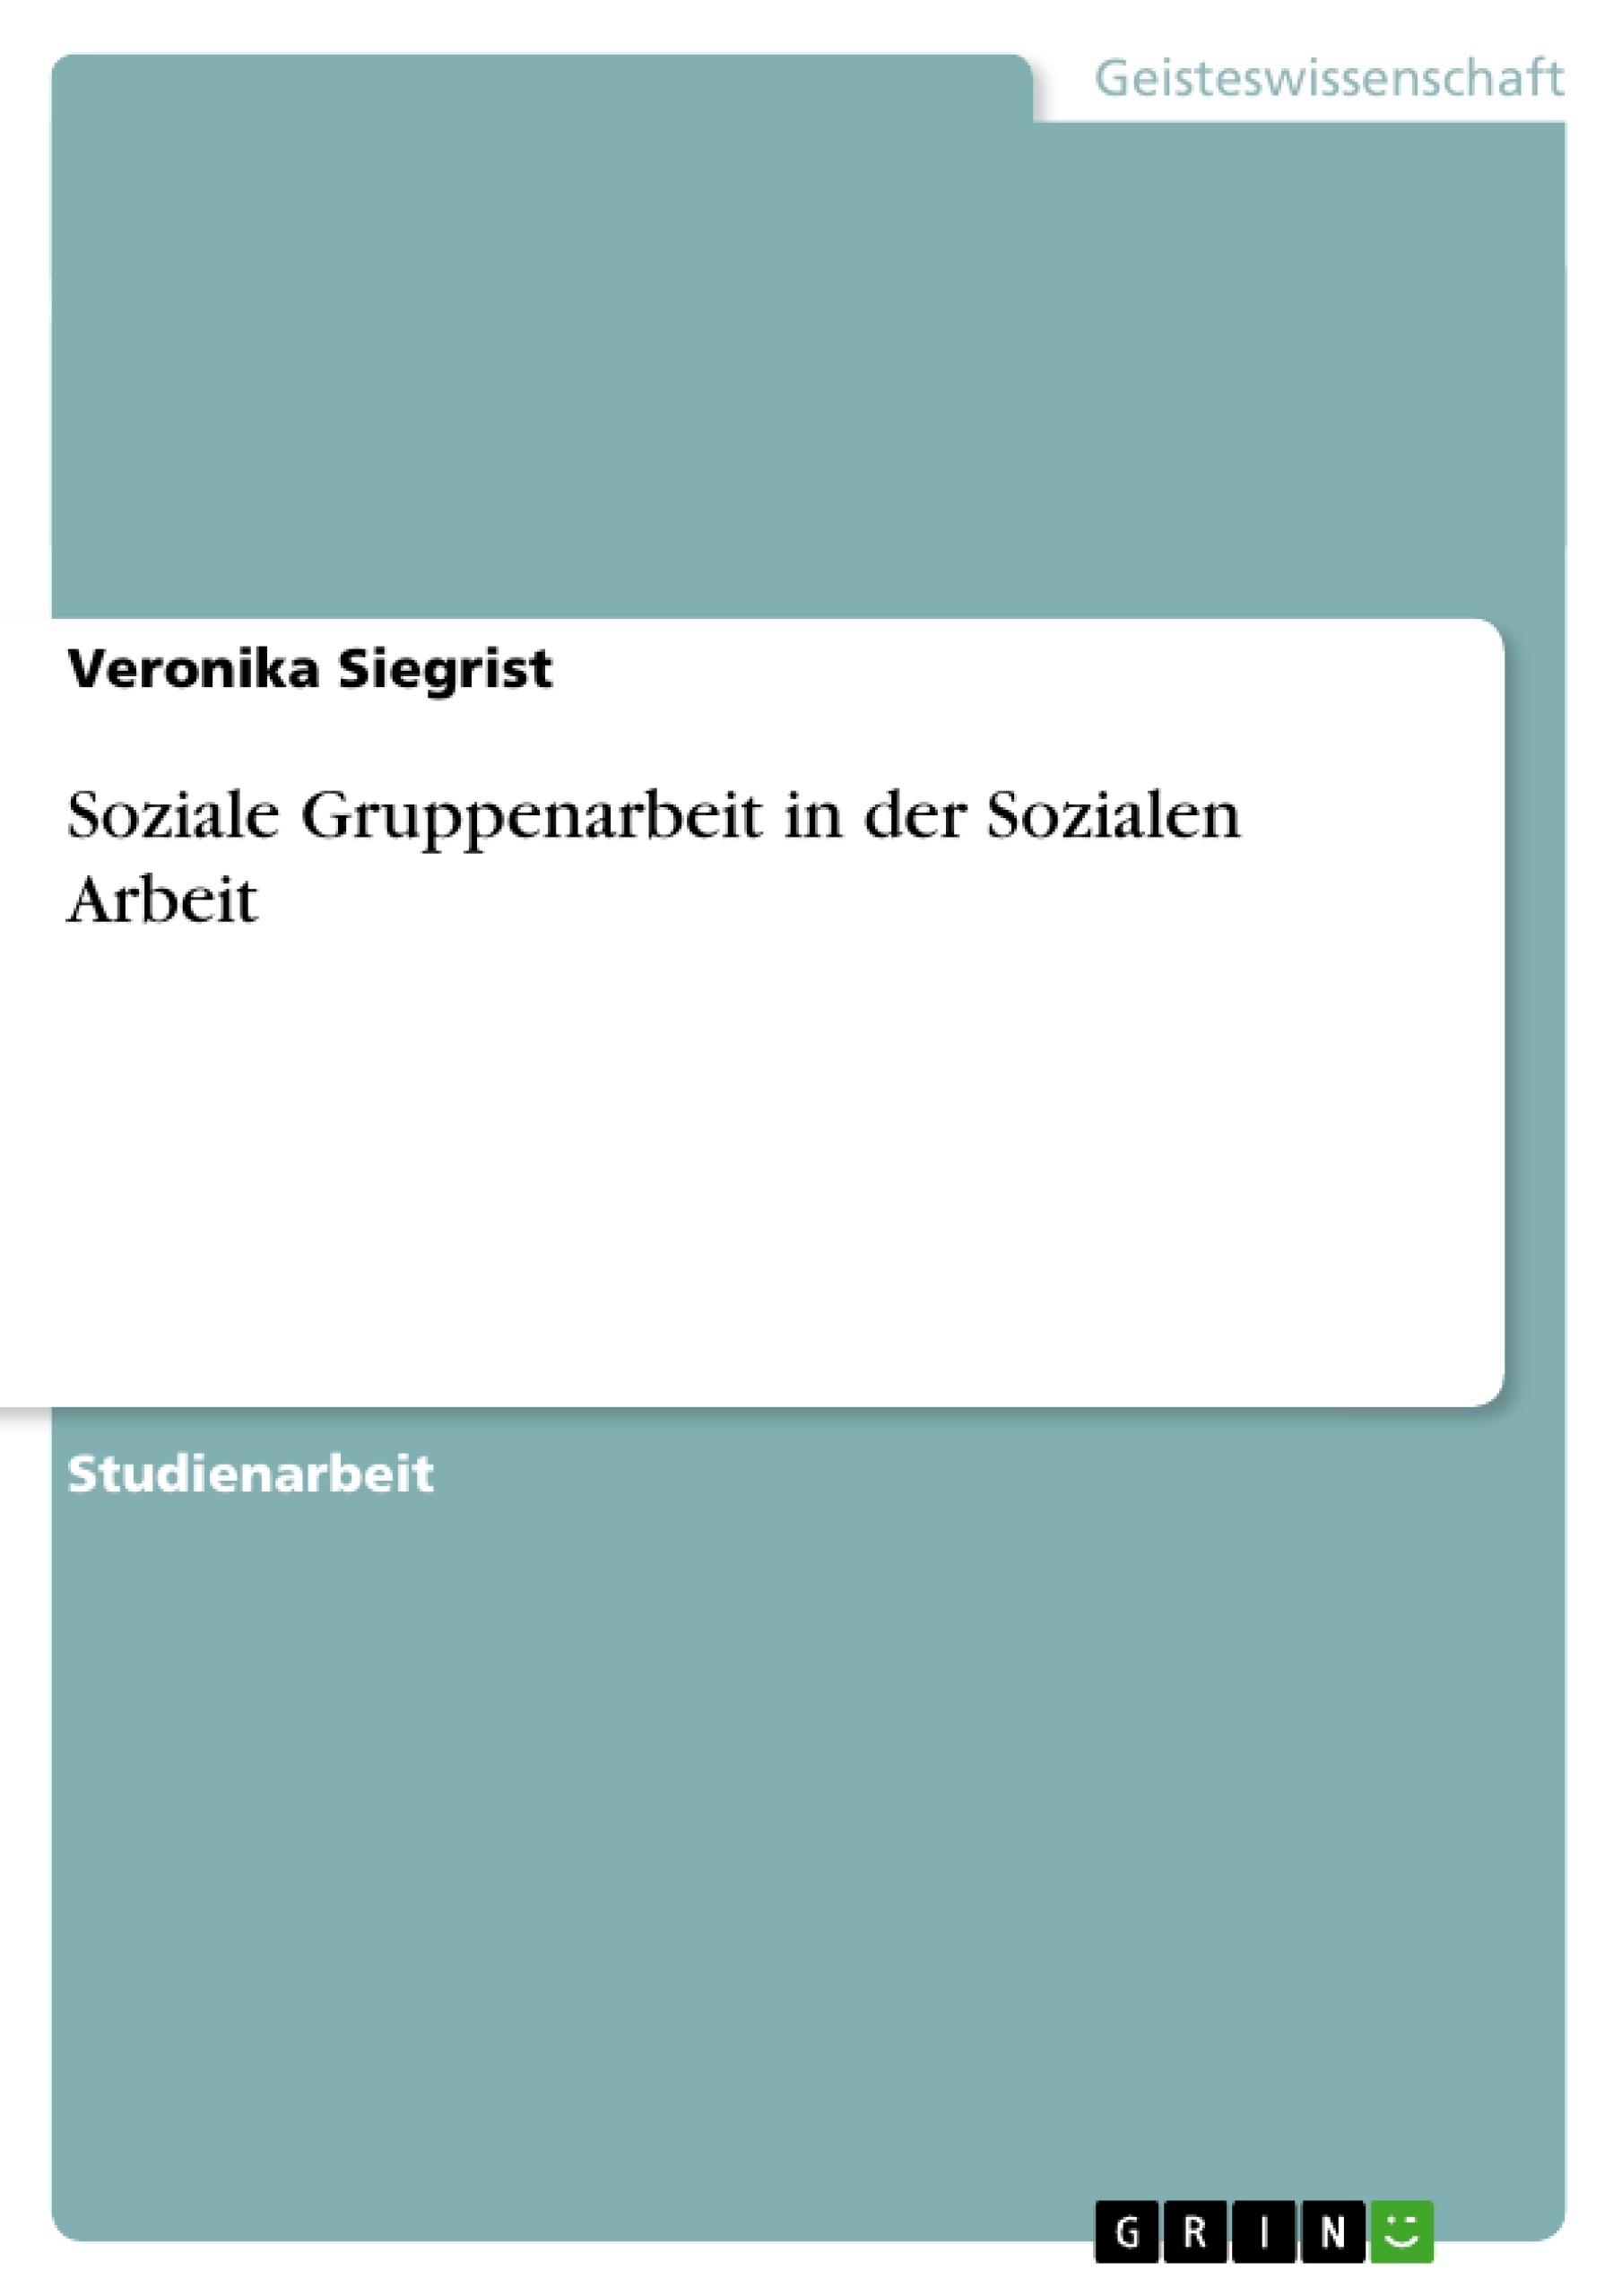 Titel: Soziale Gruppenarbeit in der Sozialen Arbeit